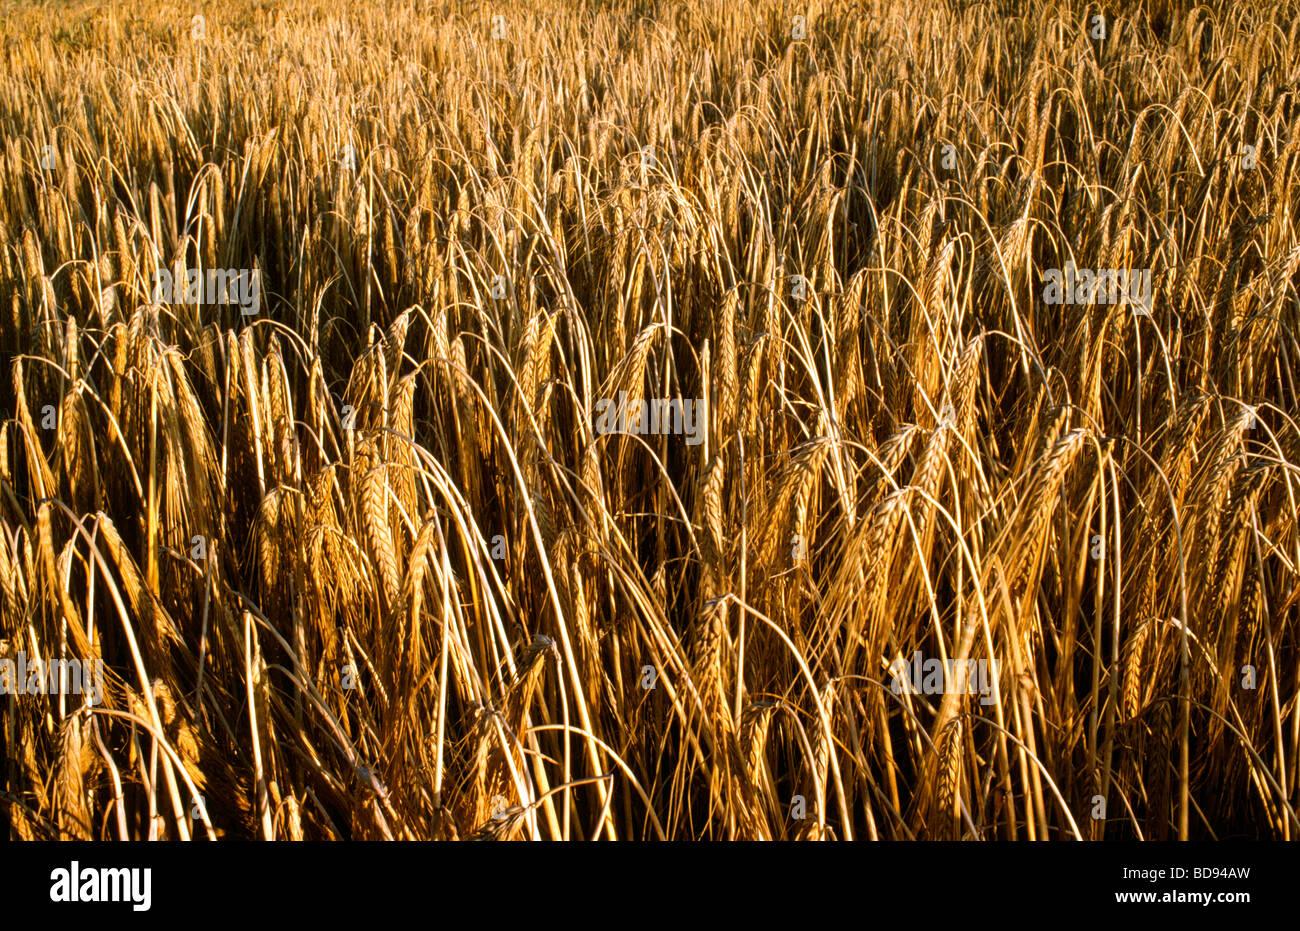 Un campo de trigo campo de trigo Foto de stock